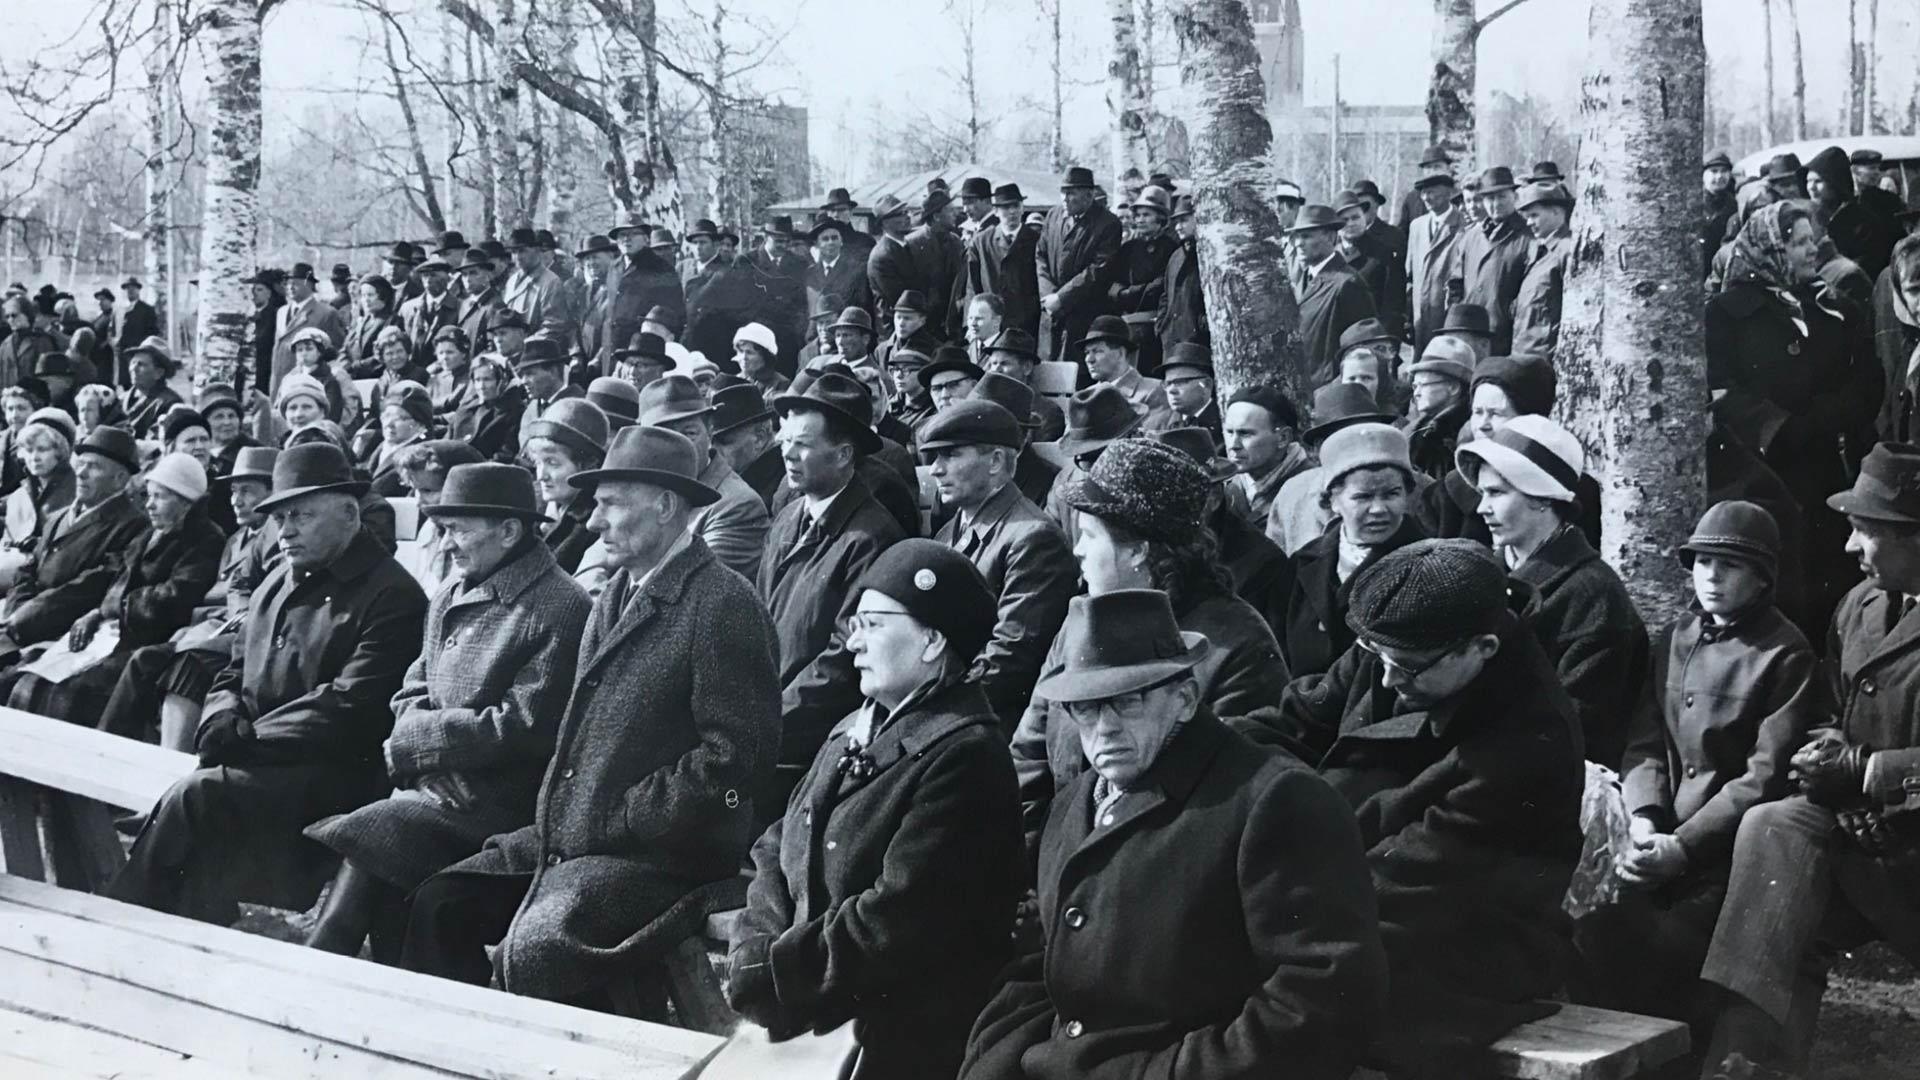 Joensuun Sosiaalidemokraattien vappujuhla Ilosaaressa vuonna 1965. Kuva PK-museo